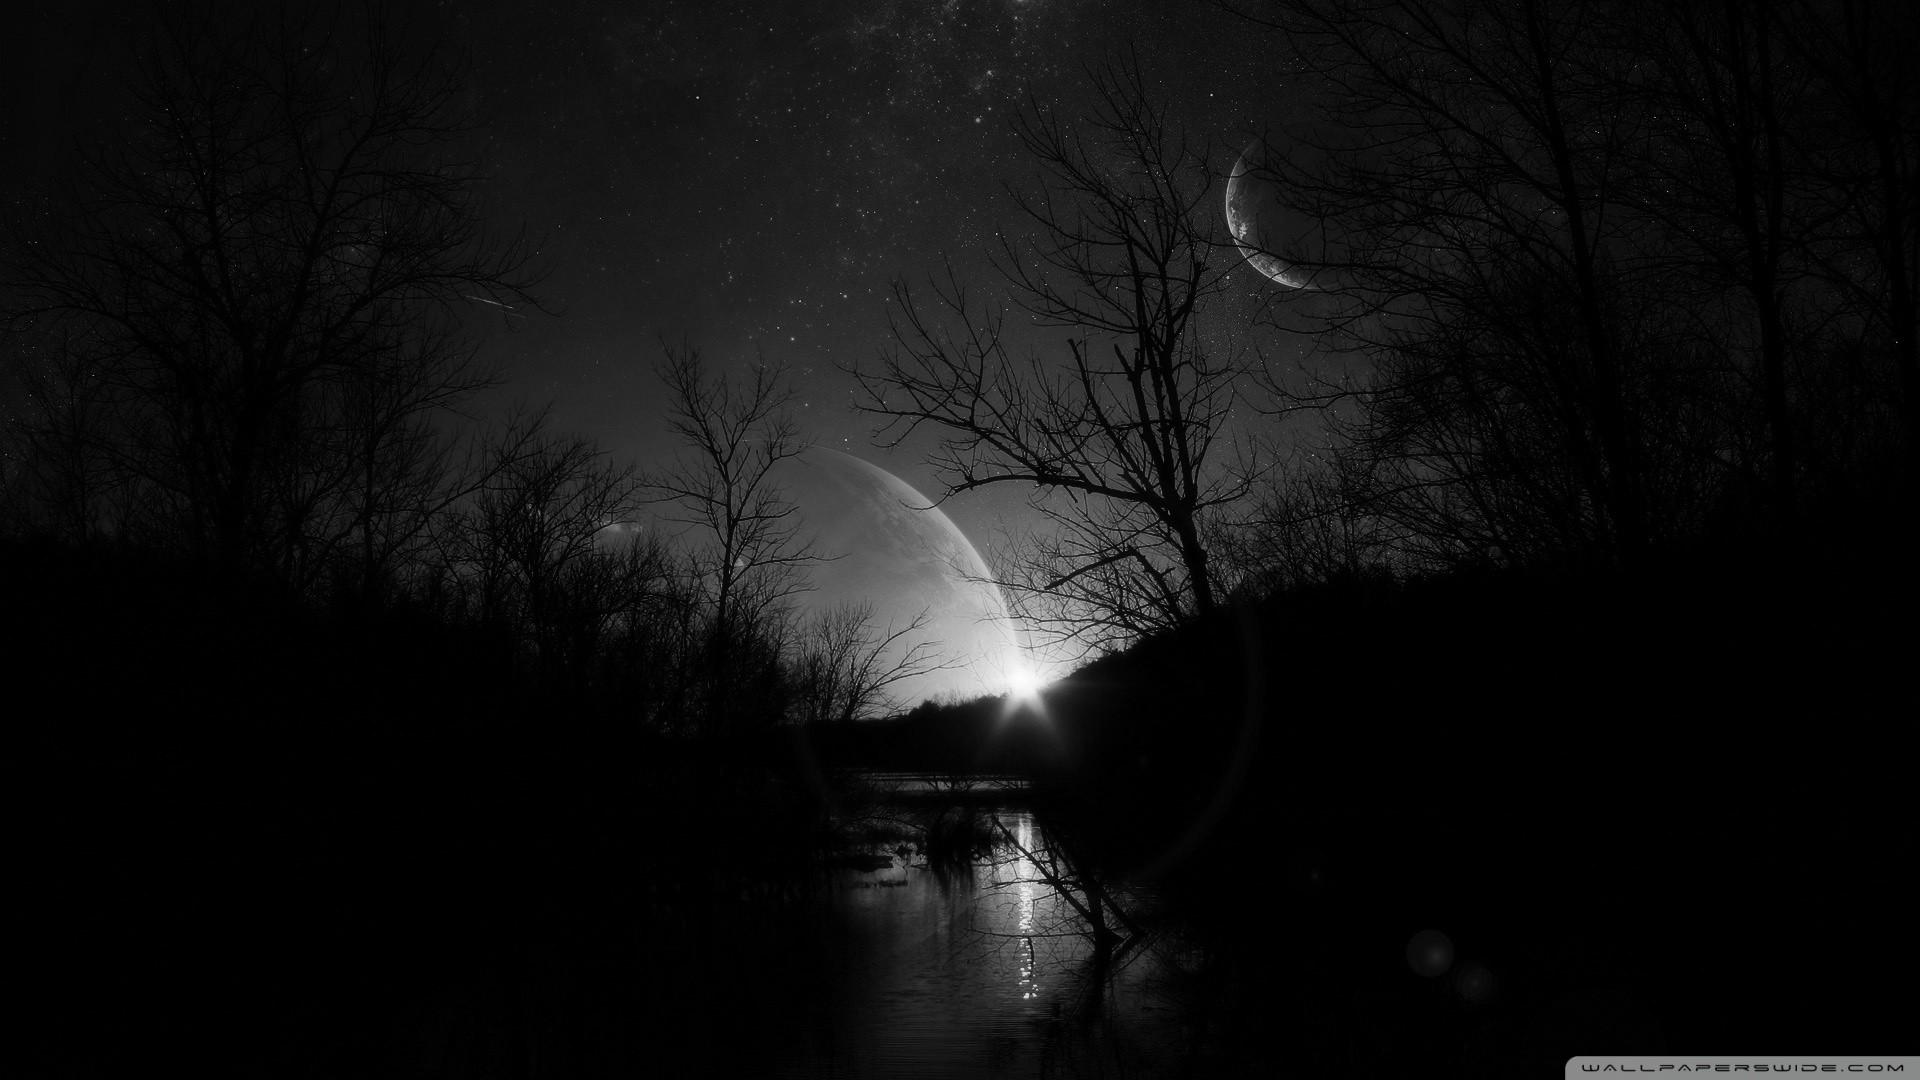 … dark night hd desktop wallpaper widescreen high definition …